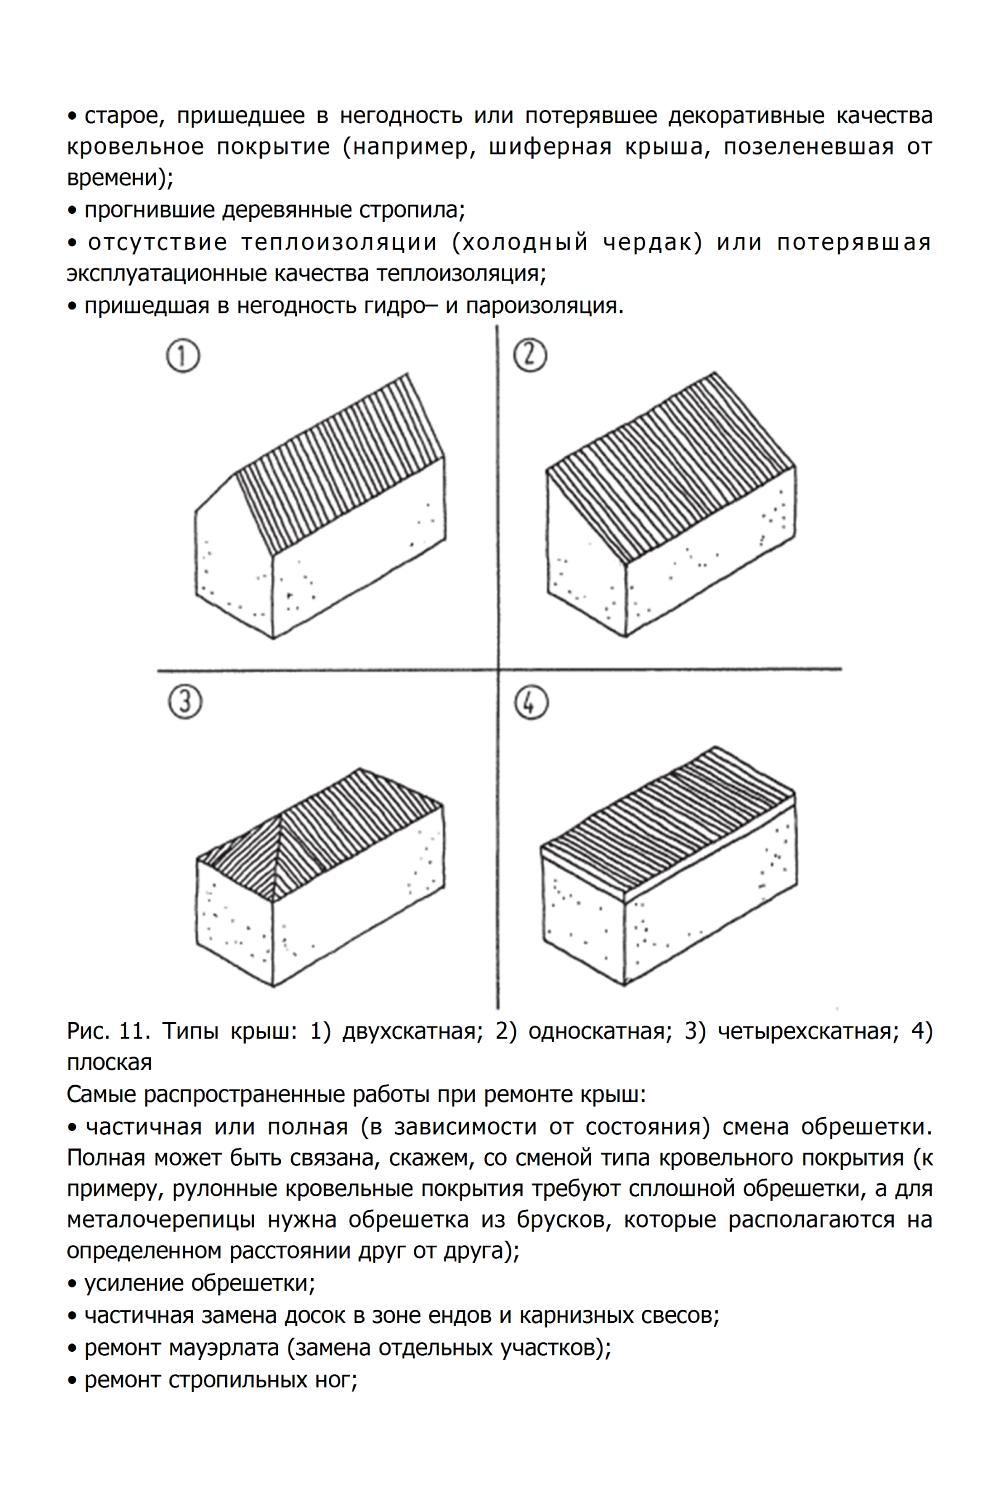 http://i4.imageban.ru/out/2013/12/03/0591dbbc4c6869386f4f34dae6bdfcdd.jpg